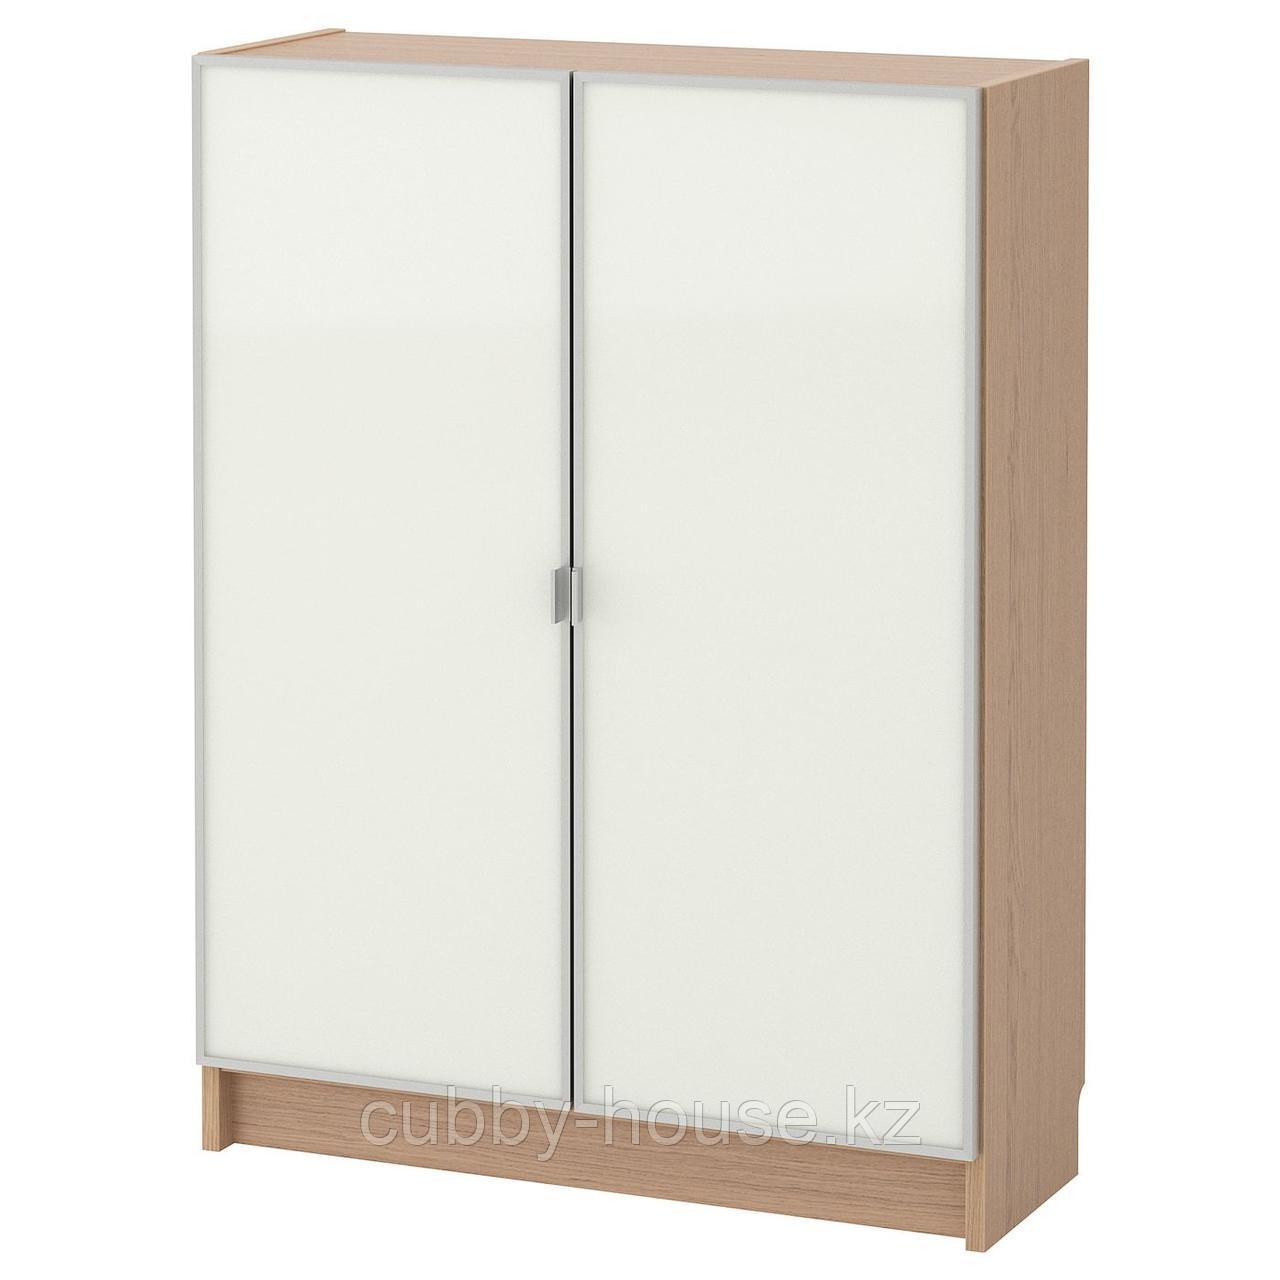 БИЛЛИ / МОРЛИДЕН Шкаф книжный со стеклянными дверьми, коричневый ясеневый шпон, стекло, 80x30x106 см